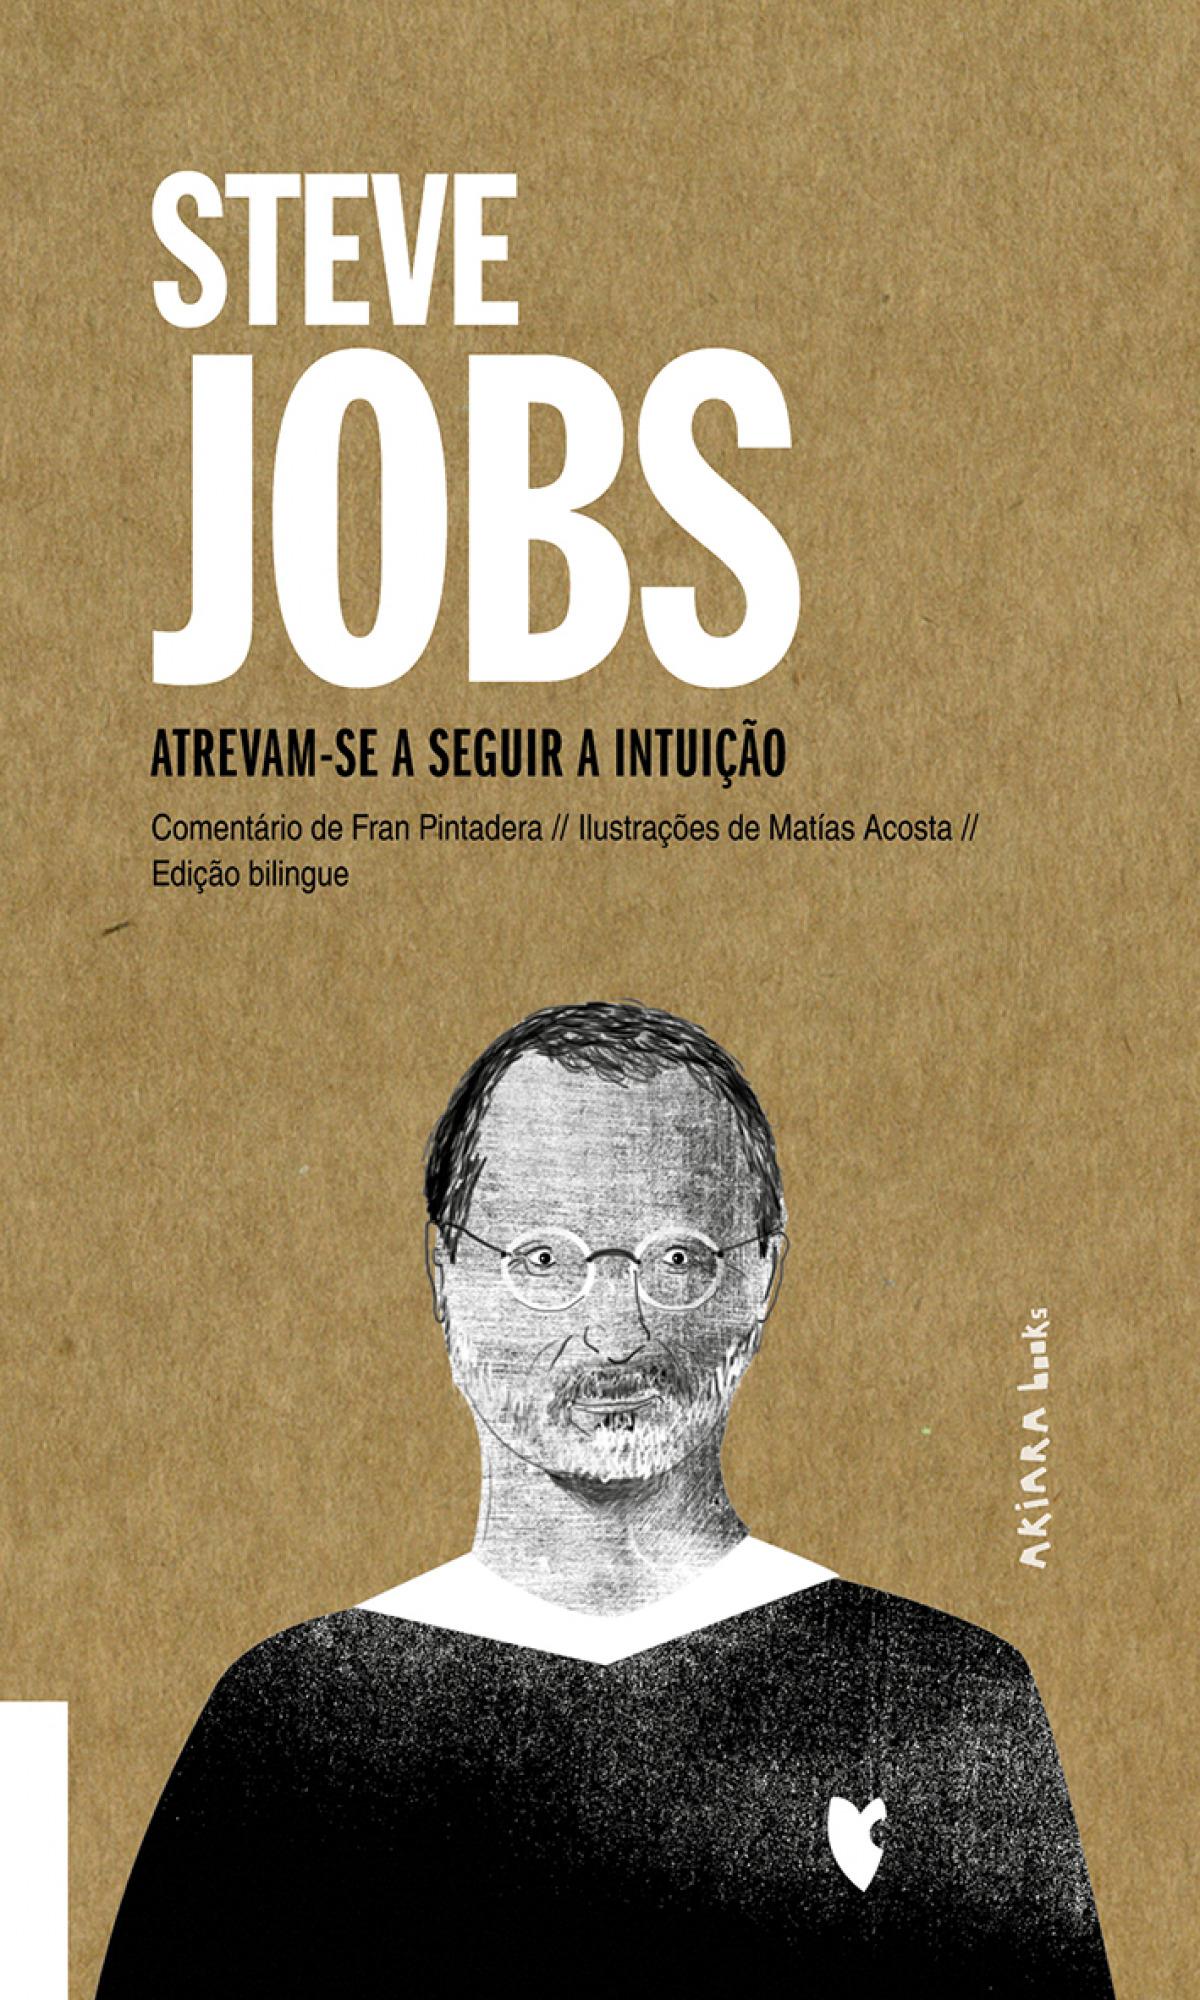 Steve Jobs: Atrevam-se a seguir a intuição